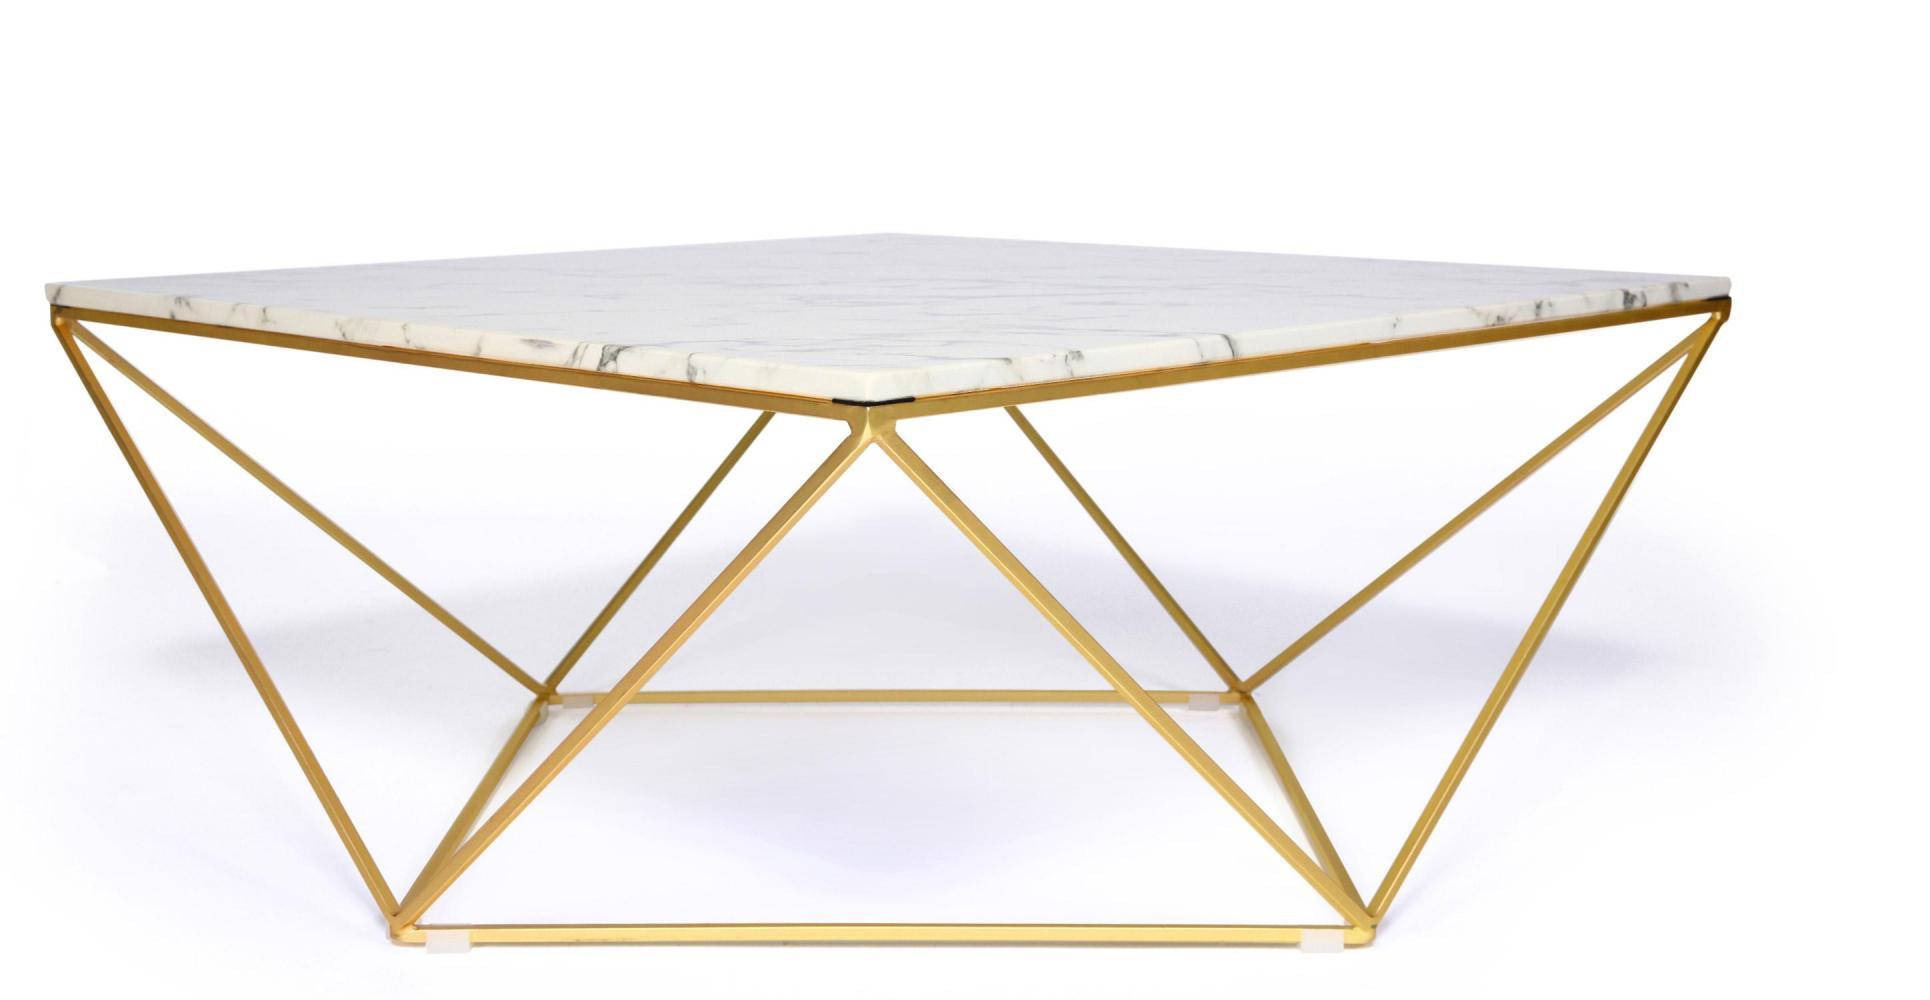 Table basse en marbre mobilier design d coration d 39 int rieur - Nettoyer une table en marbre ...